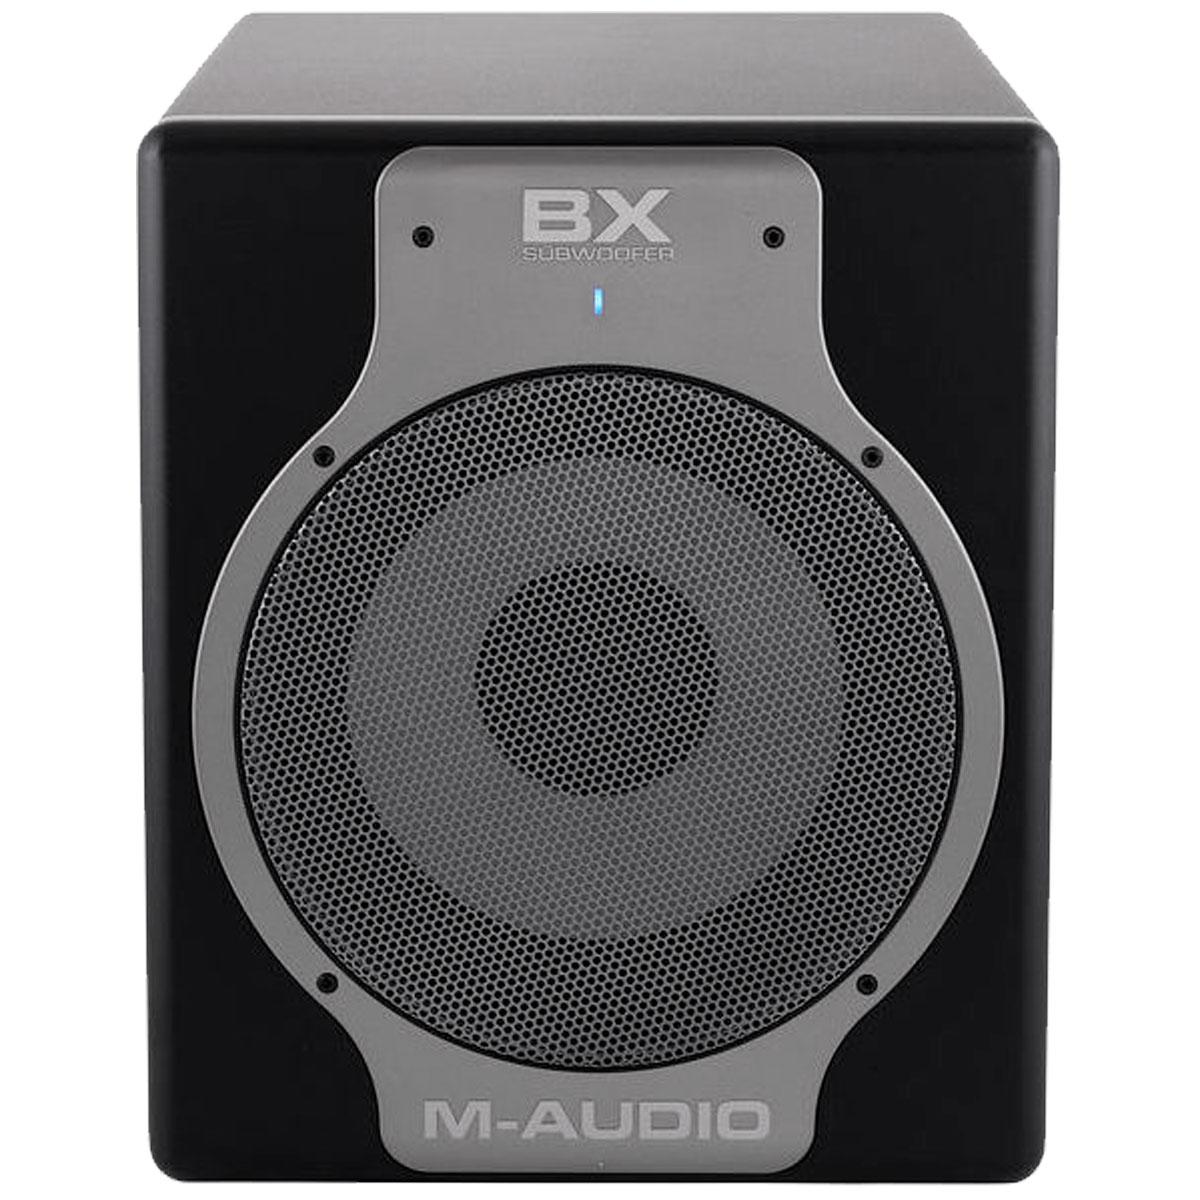 Subwoofer de Referência 240W BX Subwoofer - M-Audio